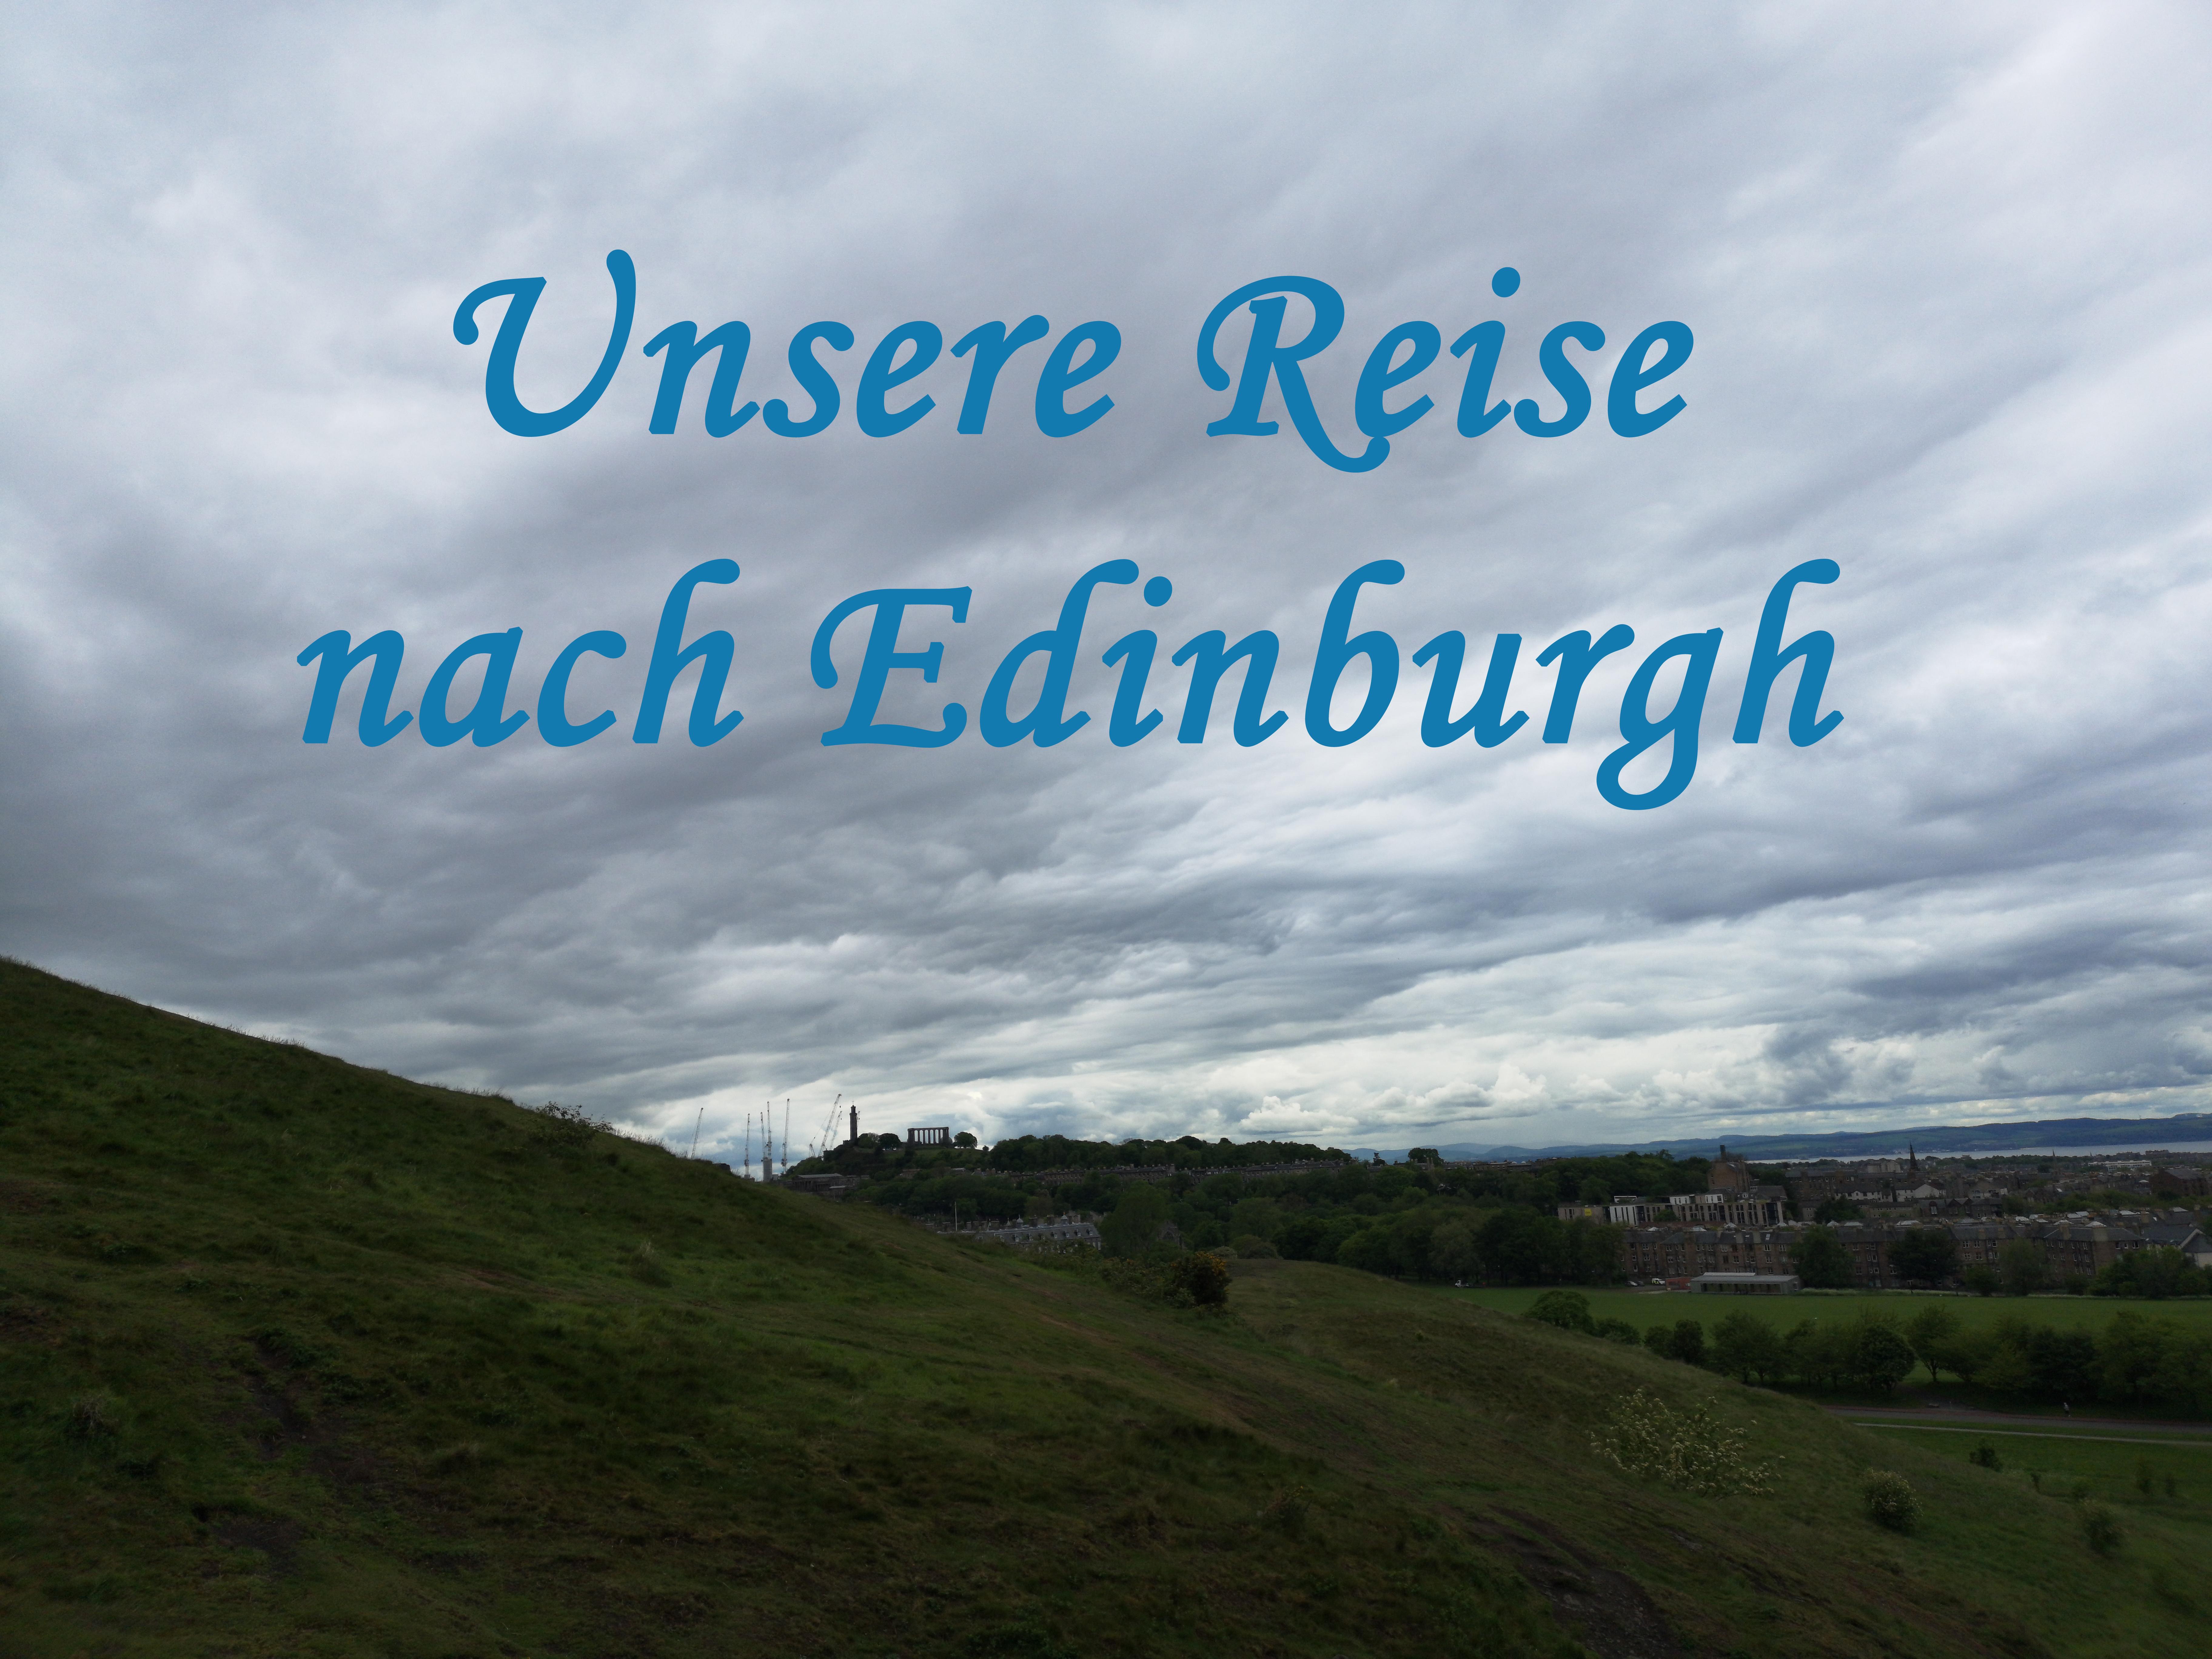 Unsere Reise nach Edinburgh